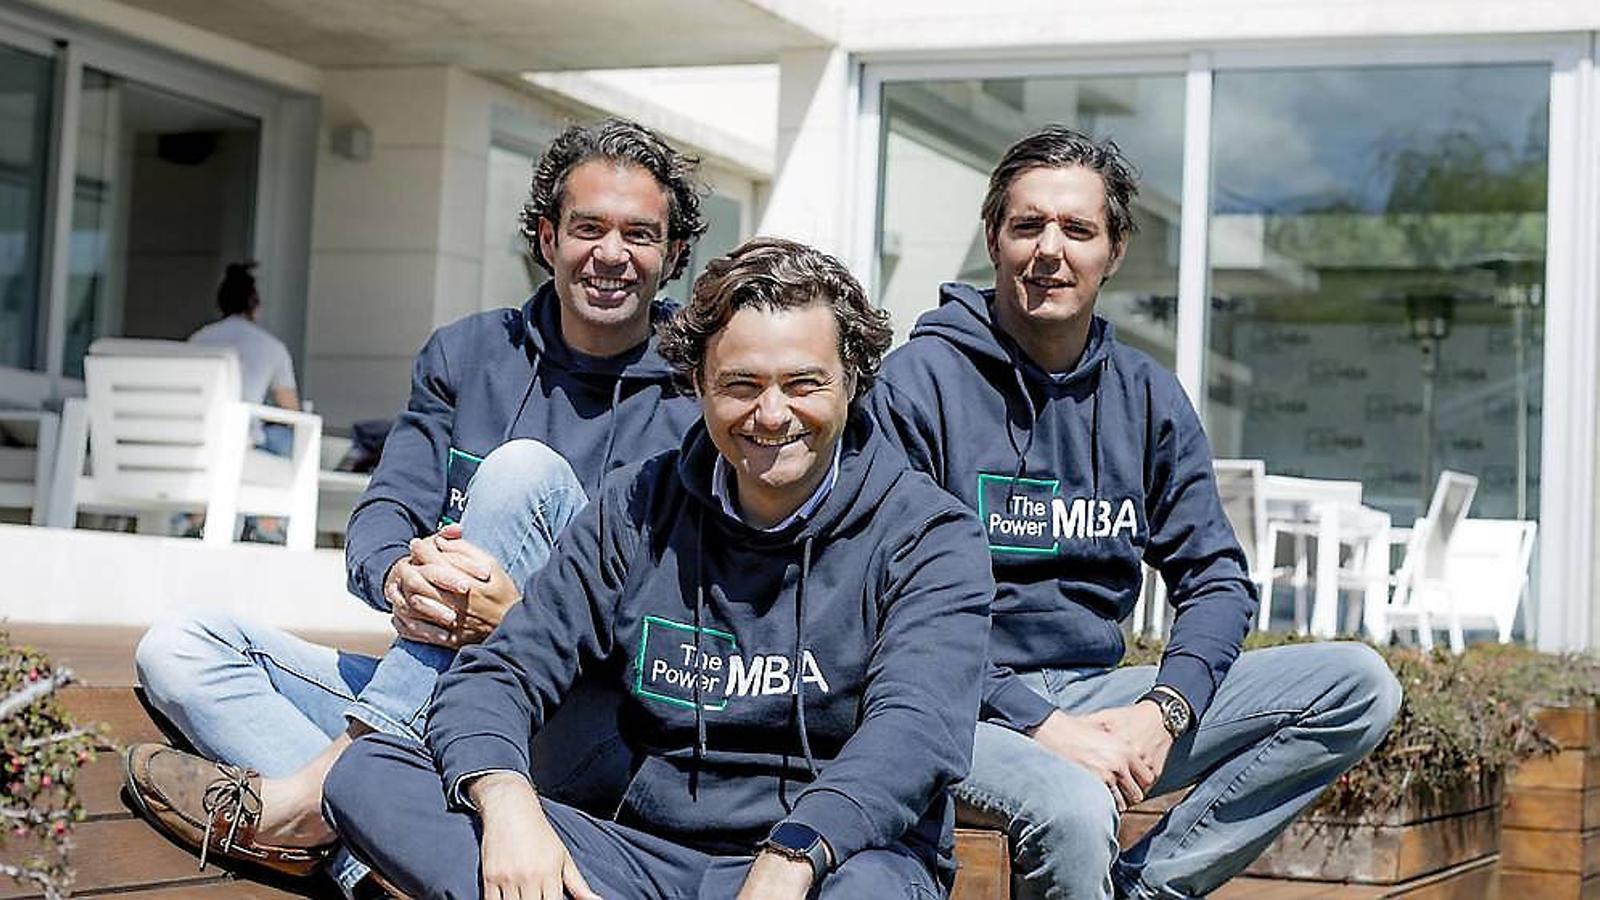 Els fundadors de The Power MBA s'han fet famosos pel seu estilisme i per la seva omnipresència en la publicitat online.